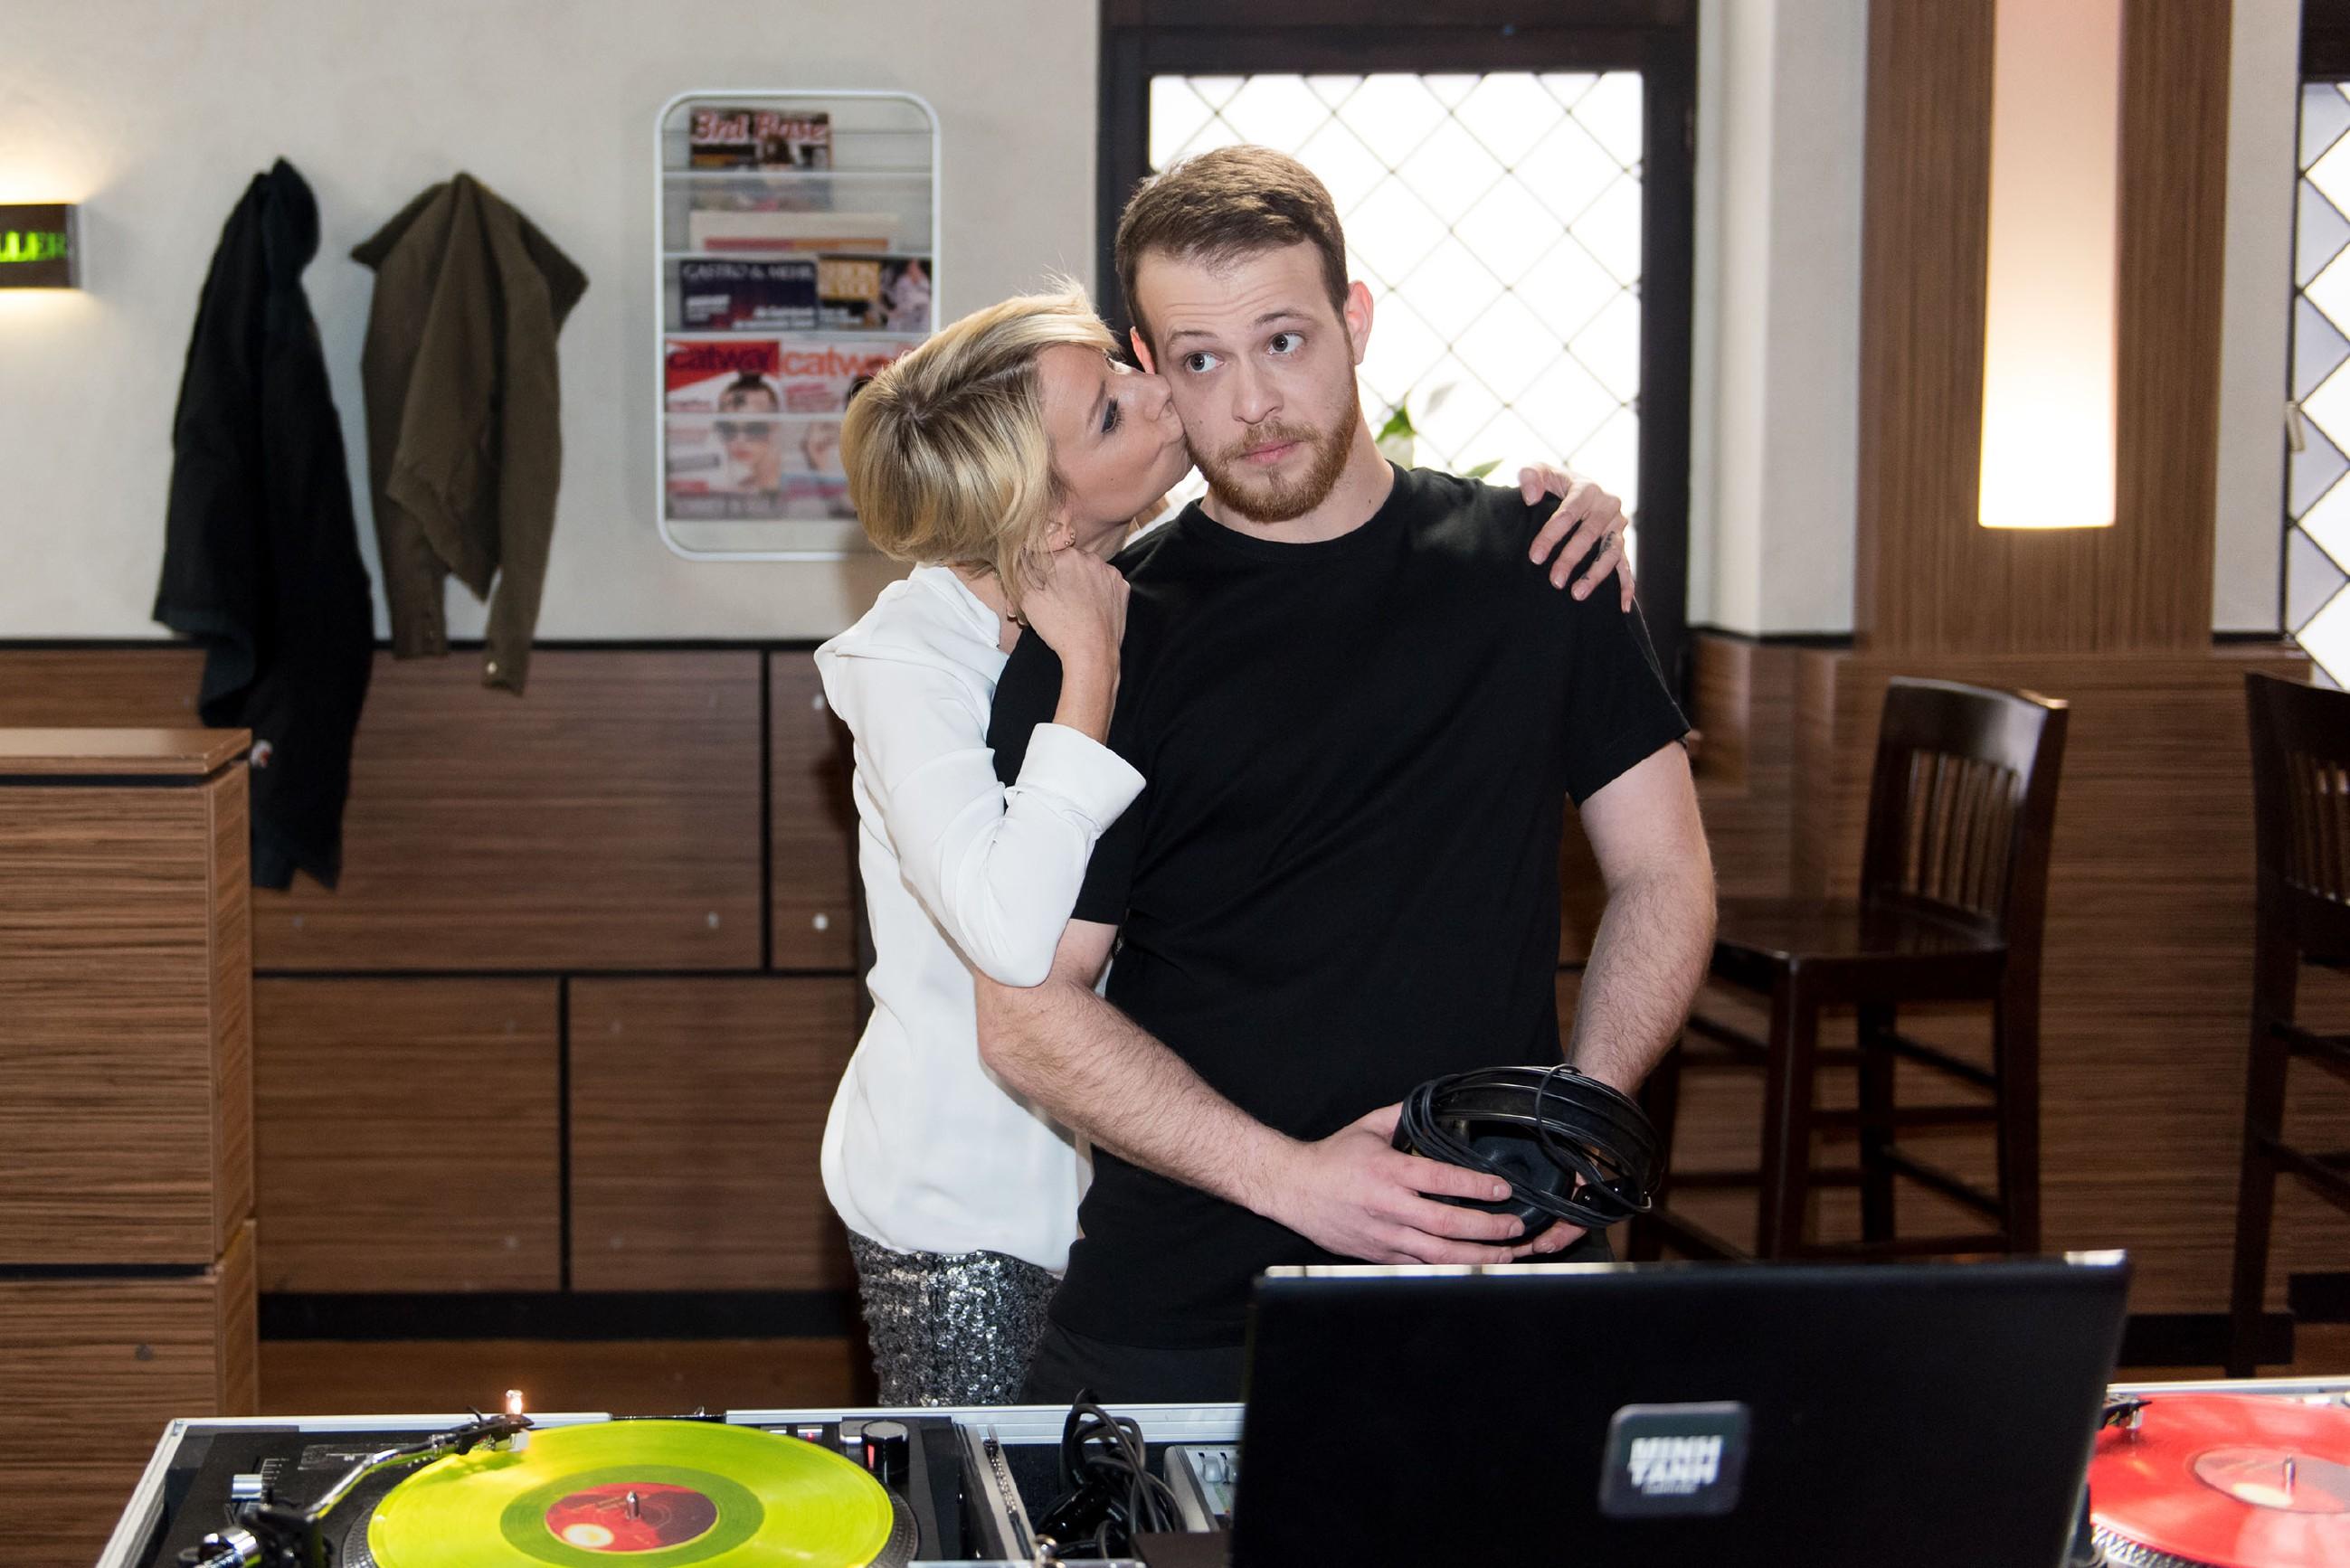 Ute (Isabell Hertel) und Tobias (Patrick Müller) lassen die Party in freundschaftlicher Stimmung ausklingen. (Quelle: RTL / Stefan Behrens)